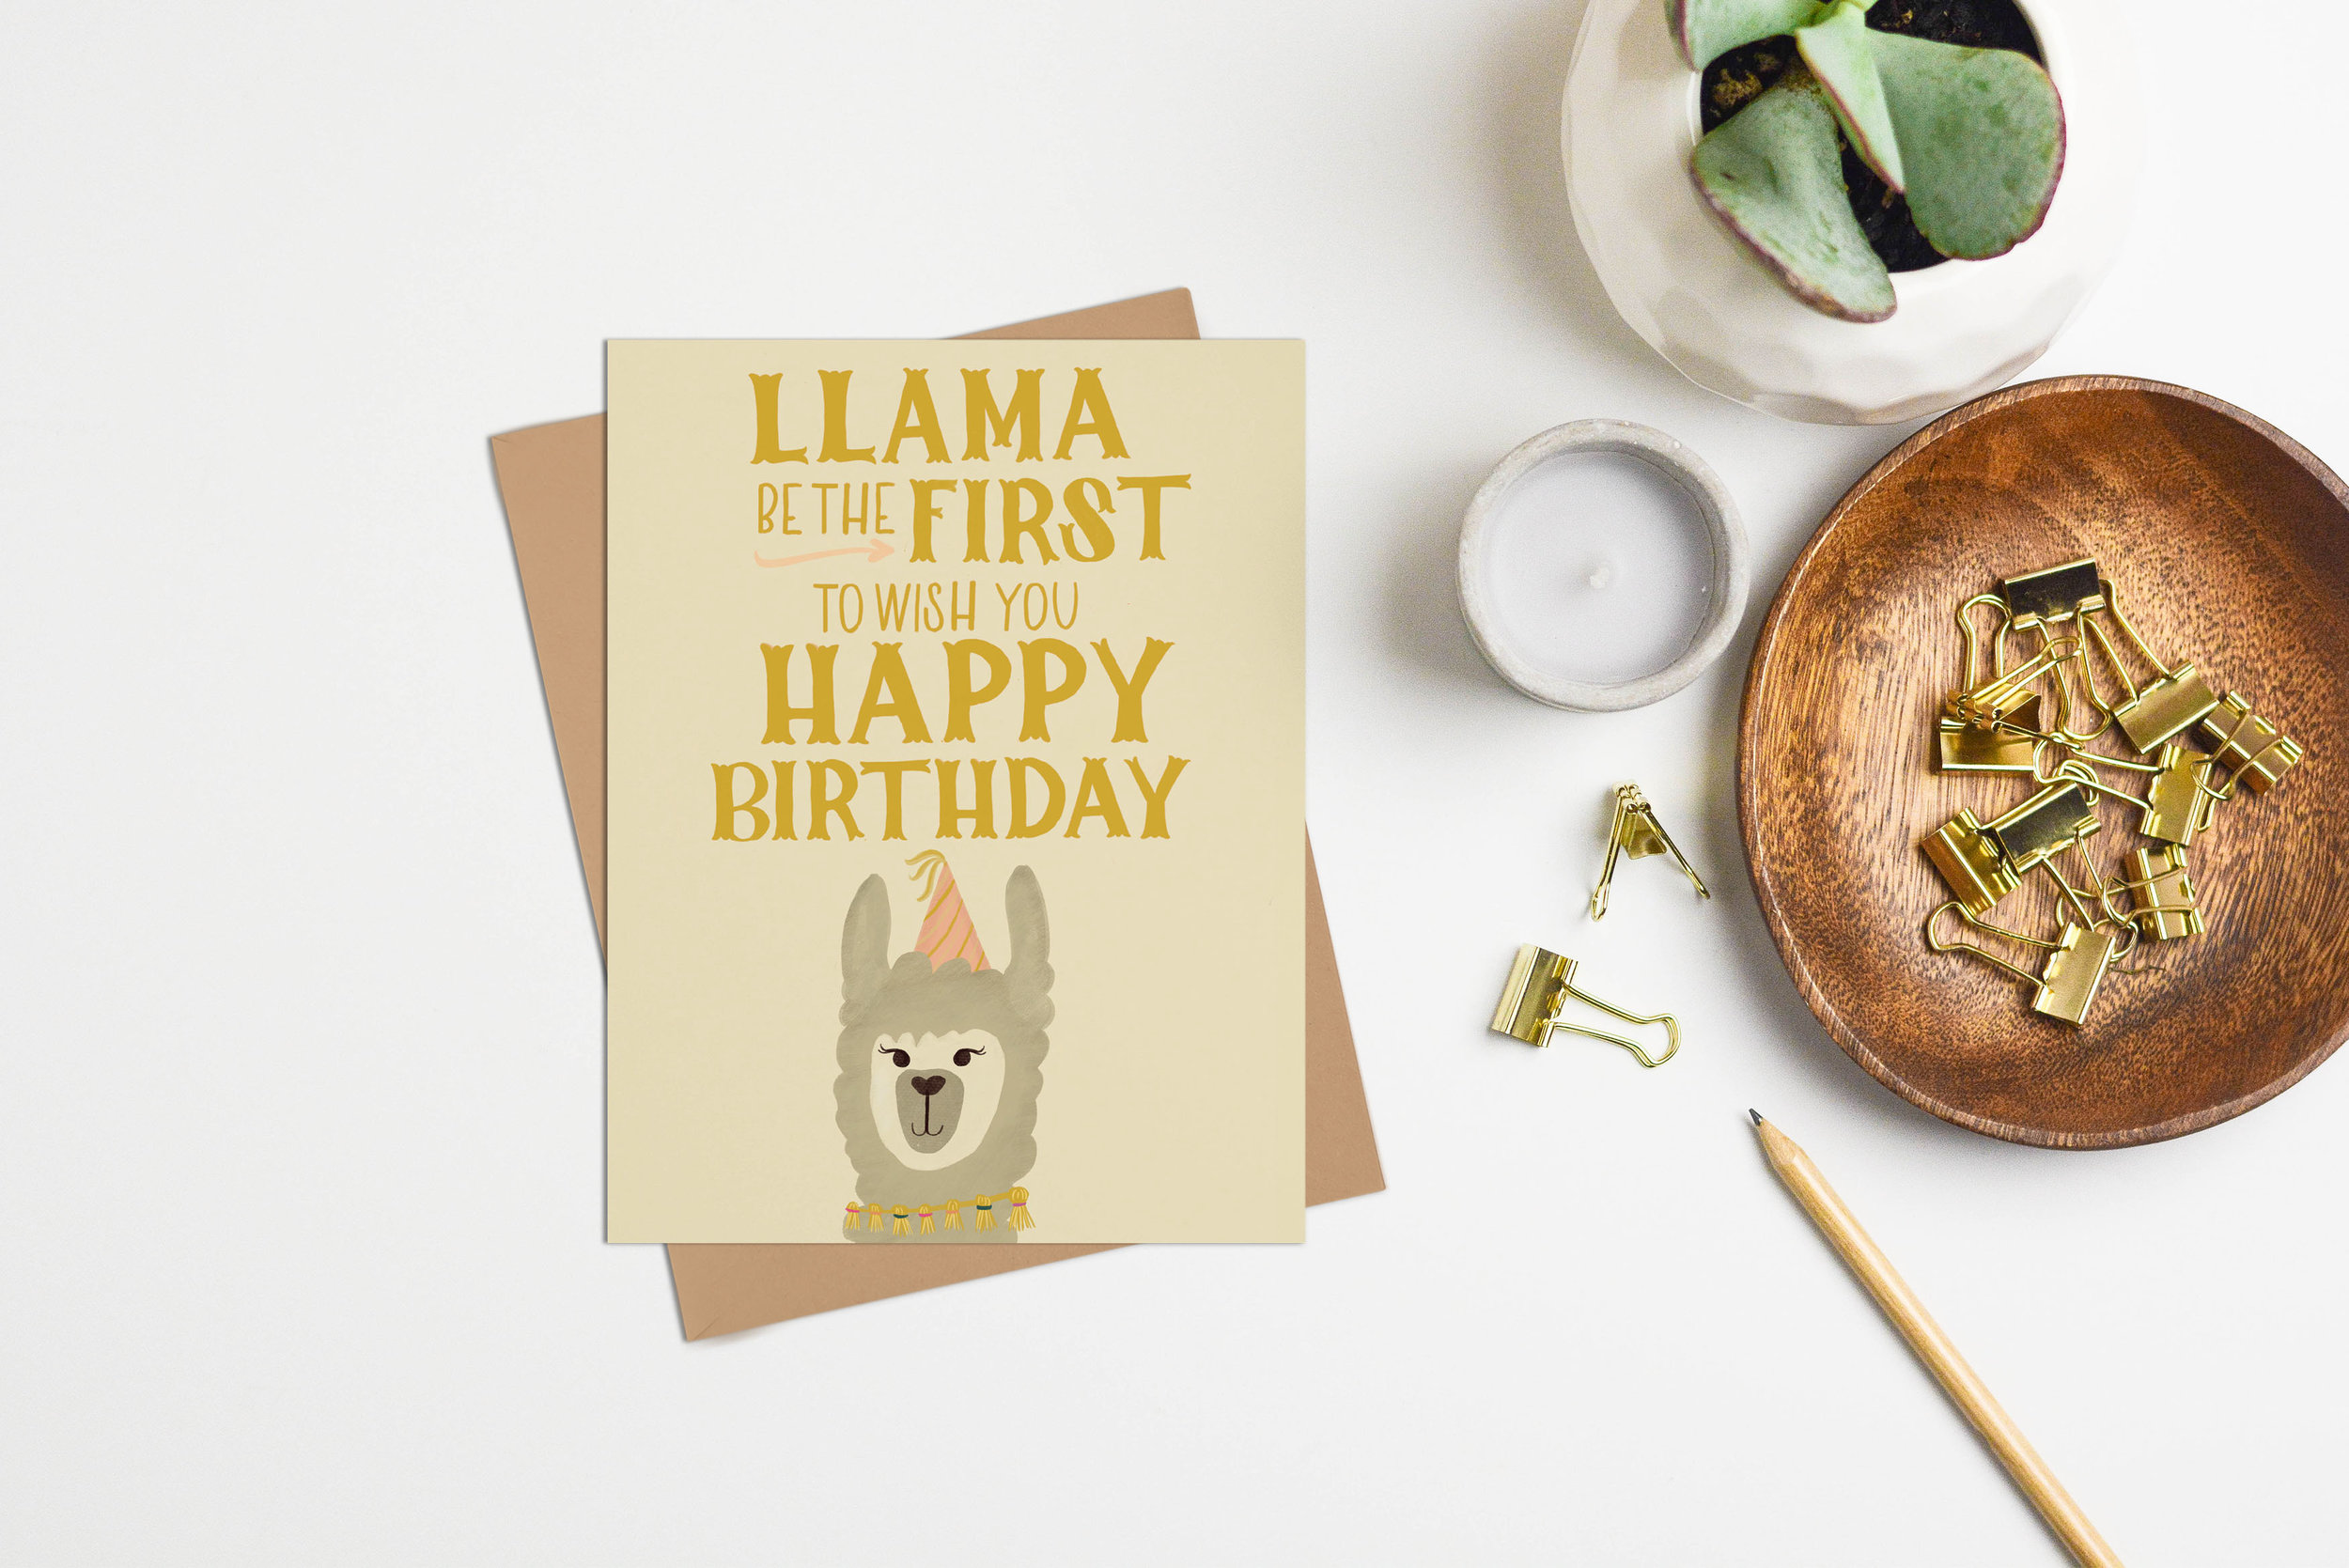 llamabebirthdaymock1.jpg